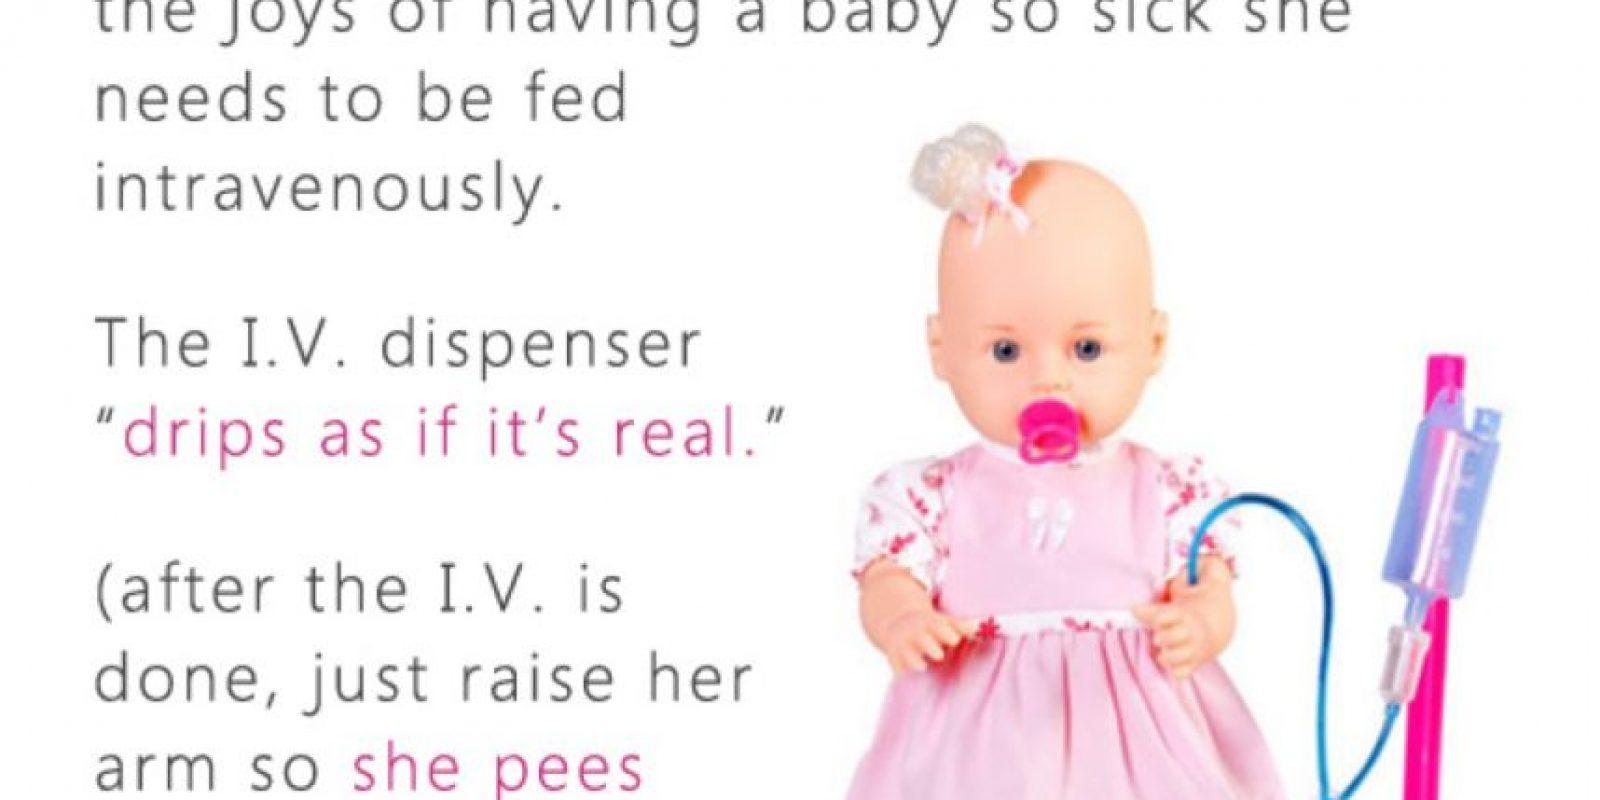 Bebé que se alimenta por vía intravenosa Foto:Reddit